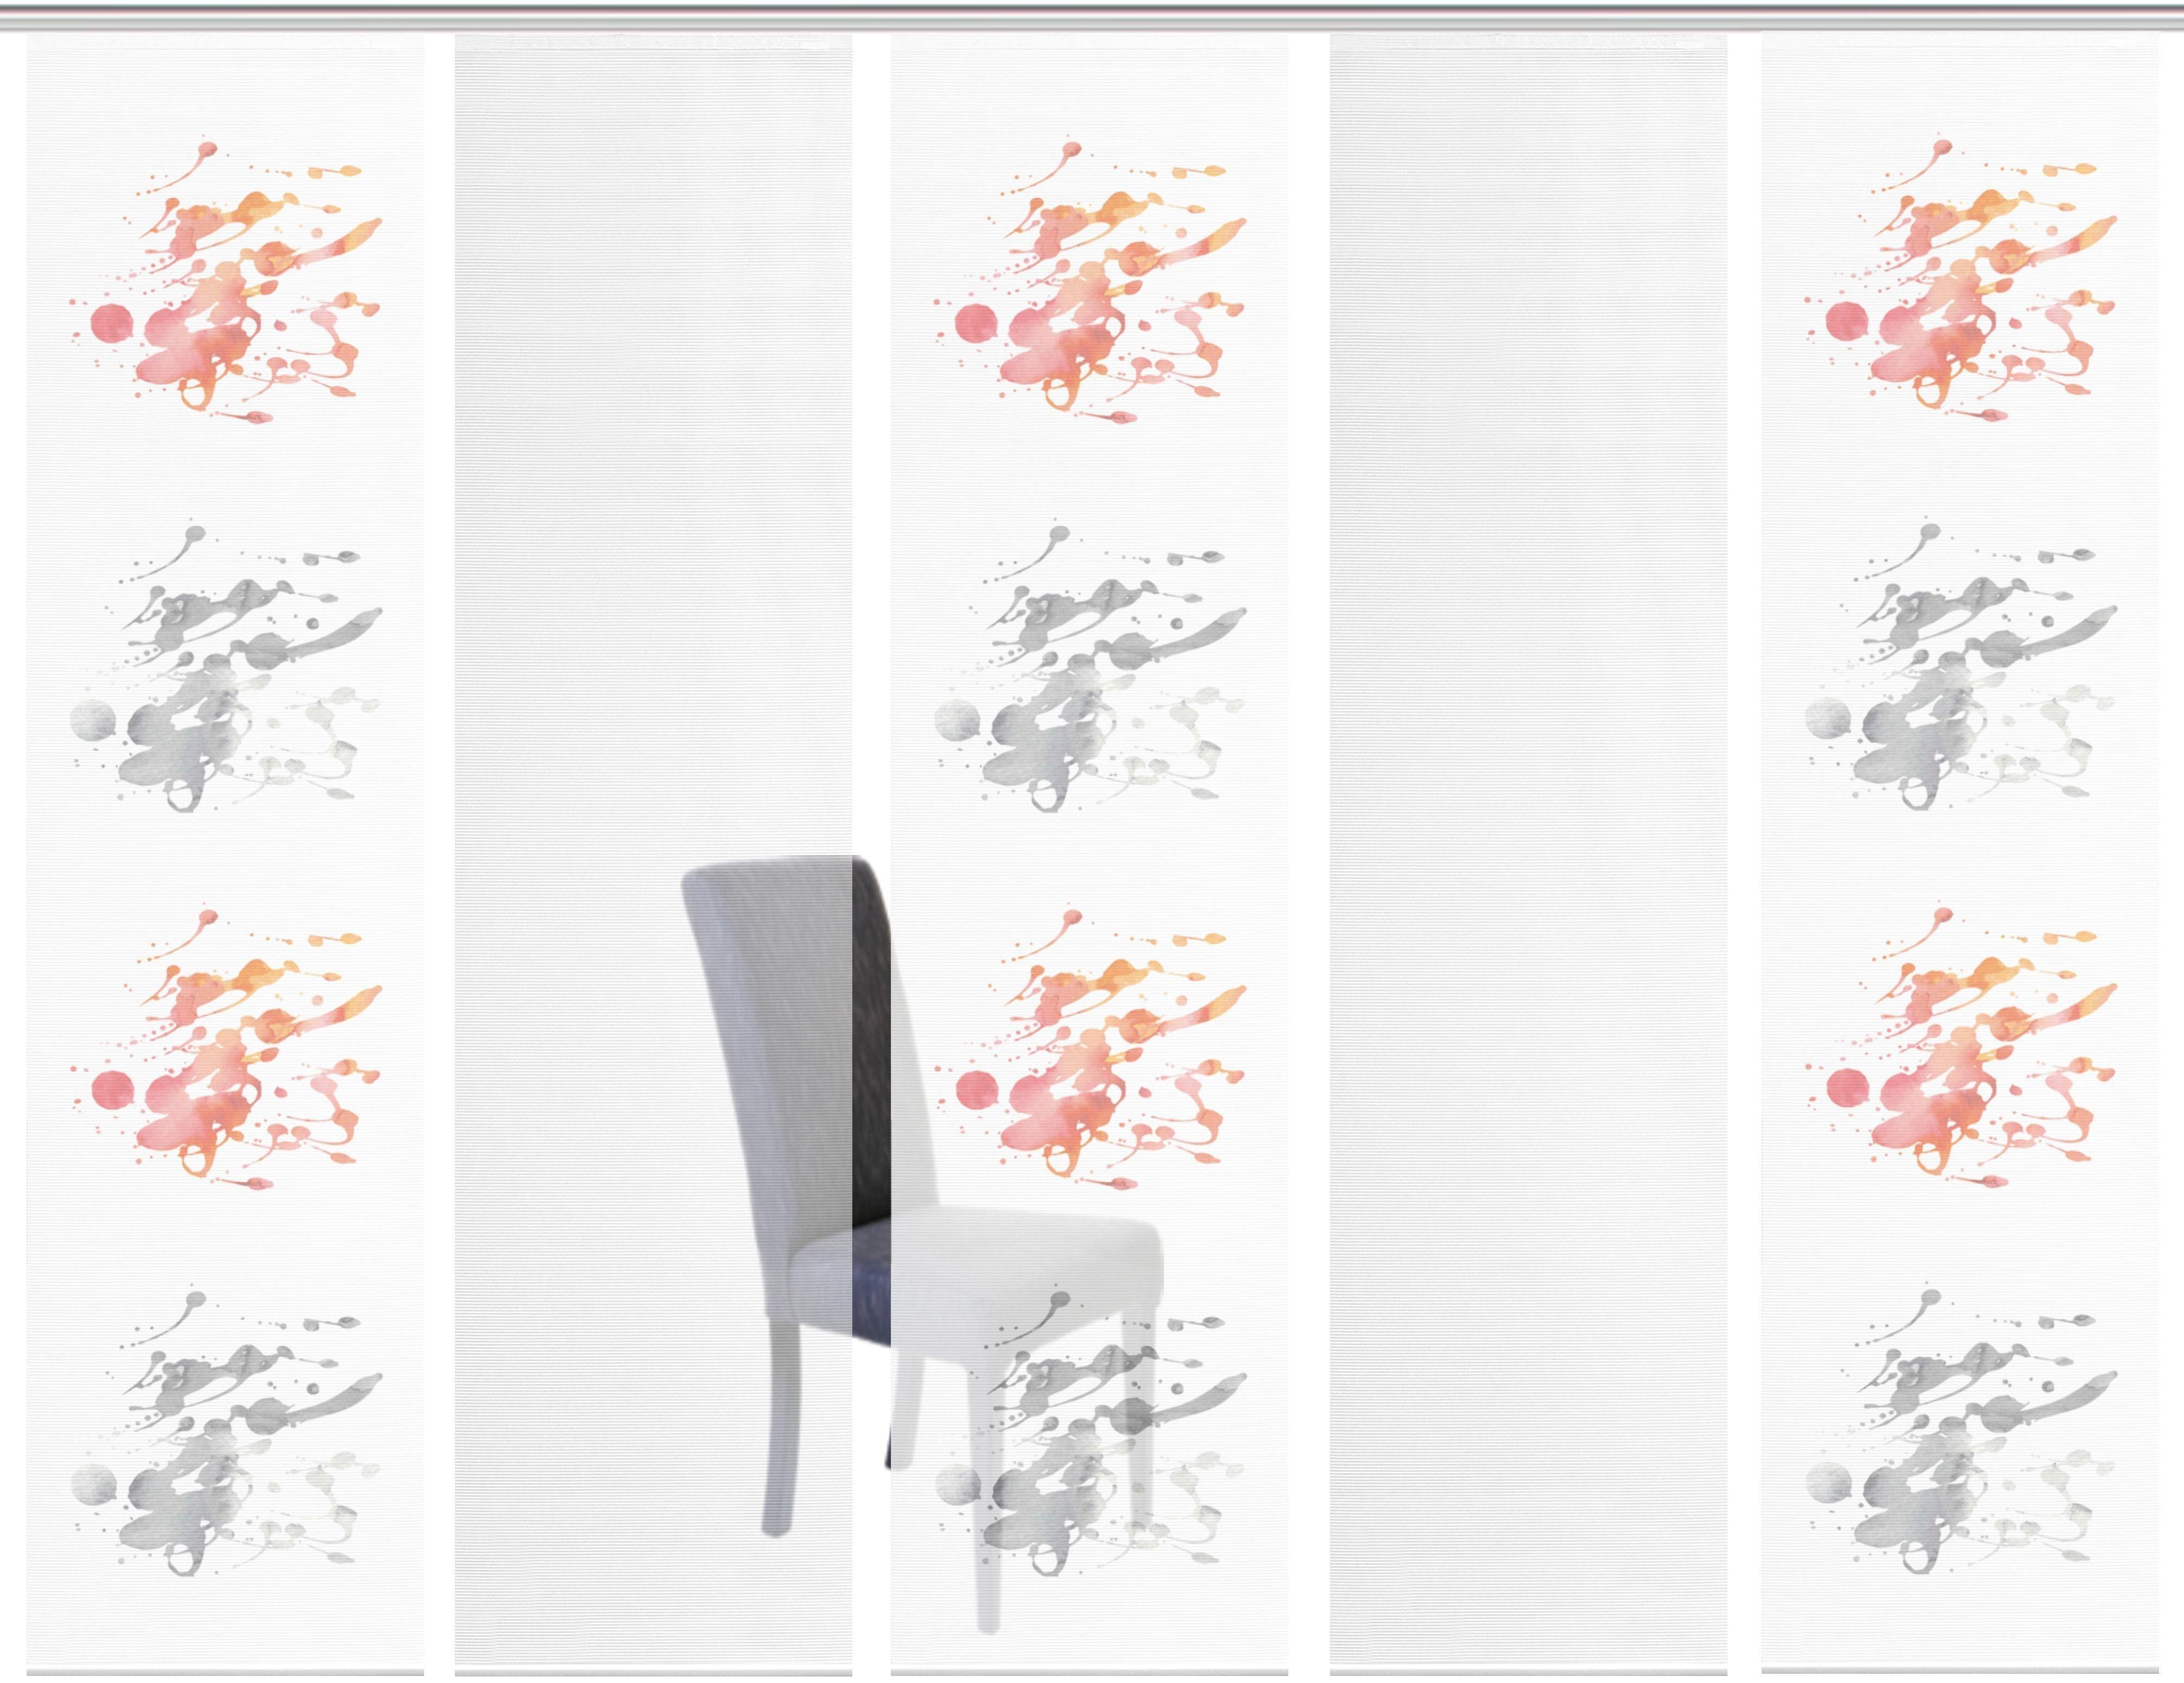 Schiebegardine »5ER SET LUTARA«, Vision S, Paneelwagen (5 Stück), Schiebevorhang 5er Set Digitaldruck